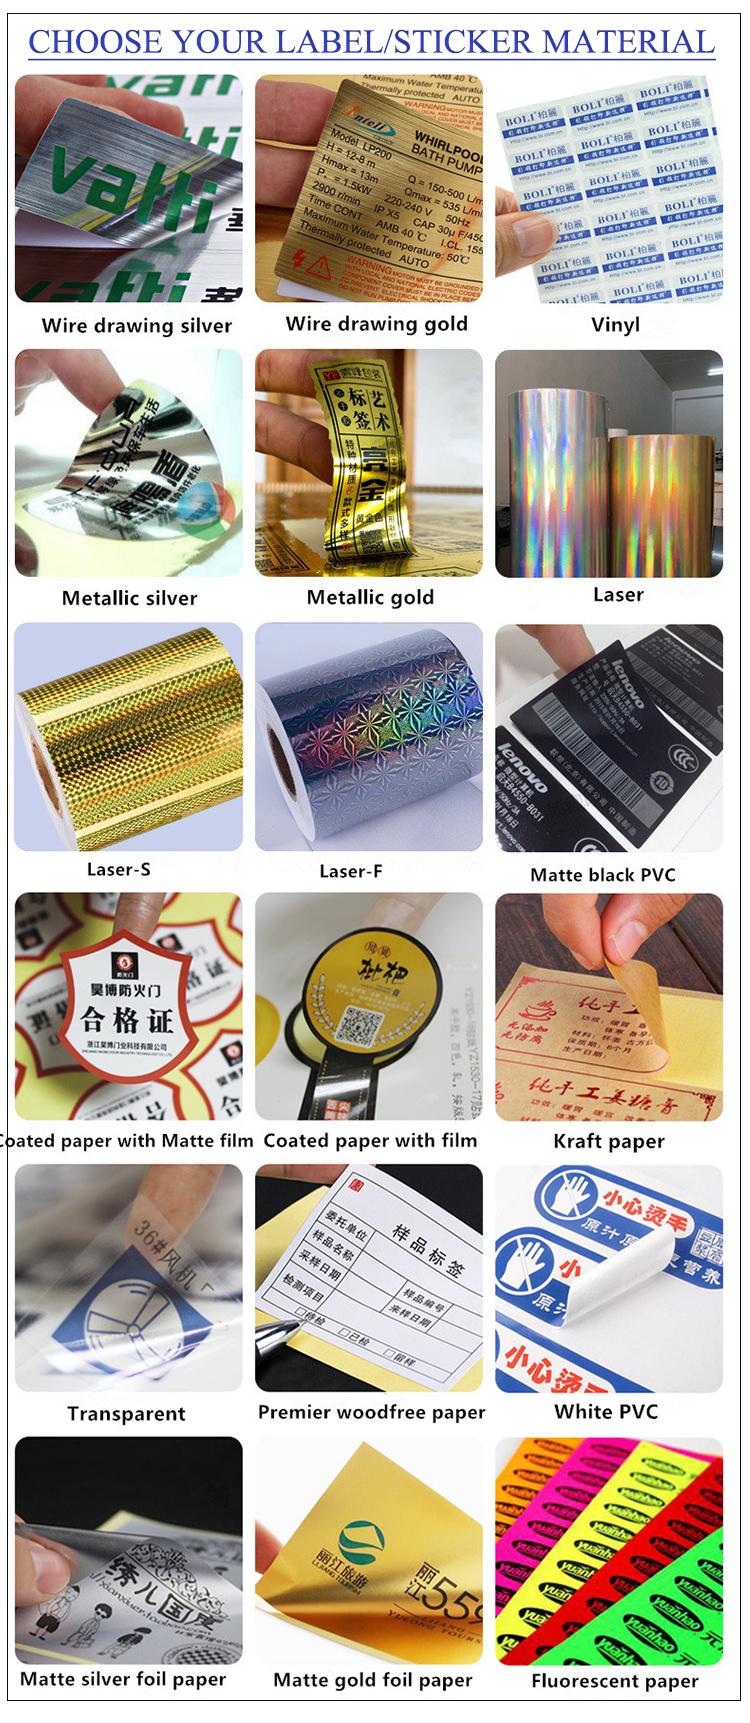 중국 공급자 공장 가격 호일 stemp 가격 쥬얼리 라벨 스티커 쥬얼리 바코드 라벨